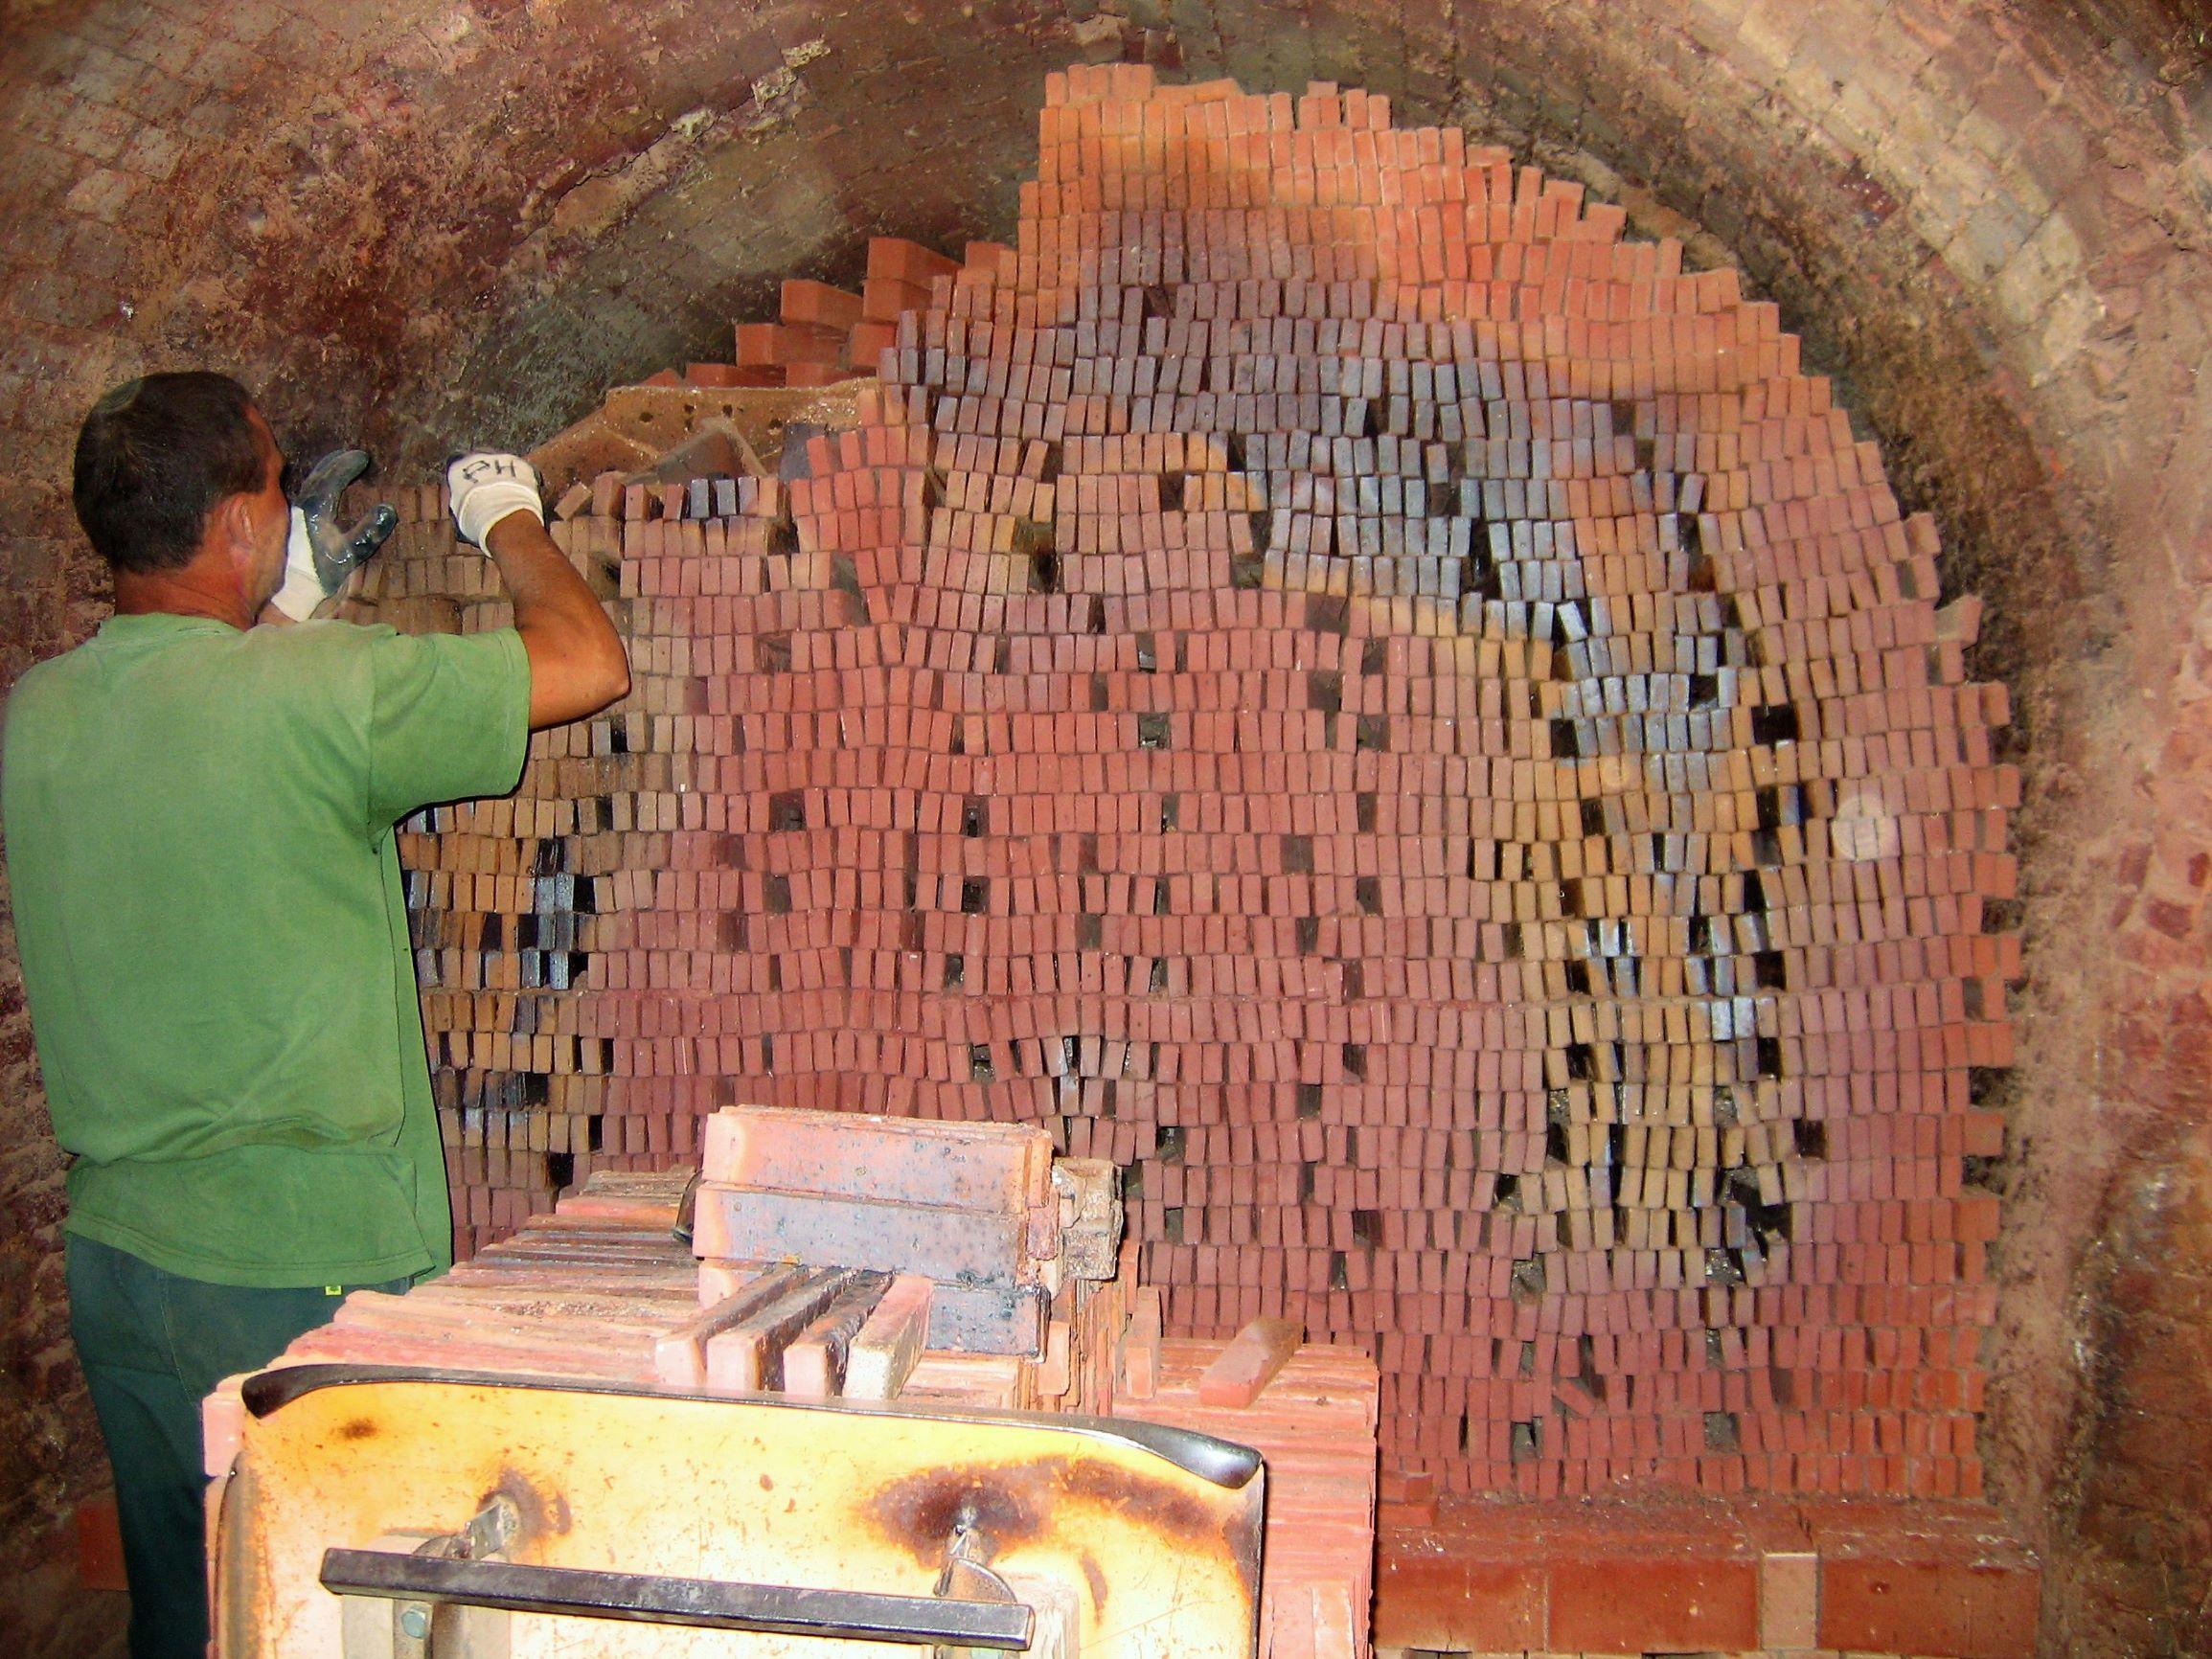 briqueterie-devulf-allonne